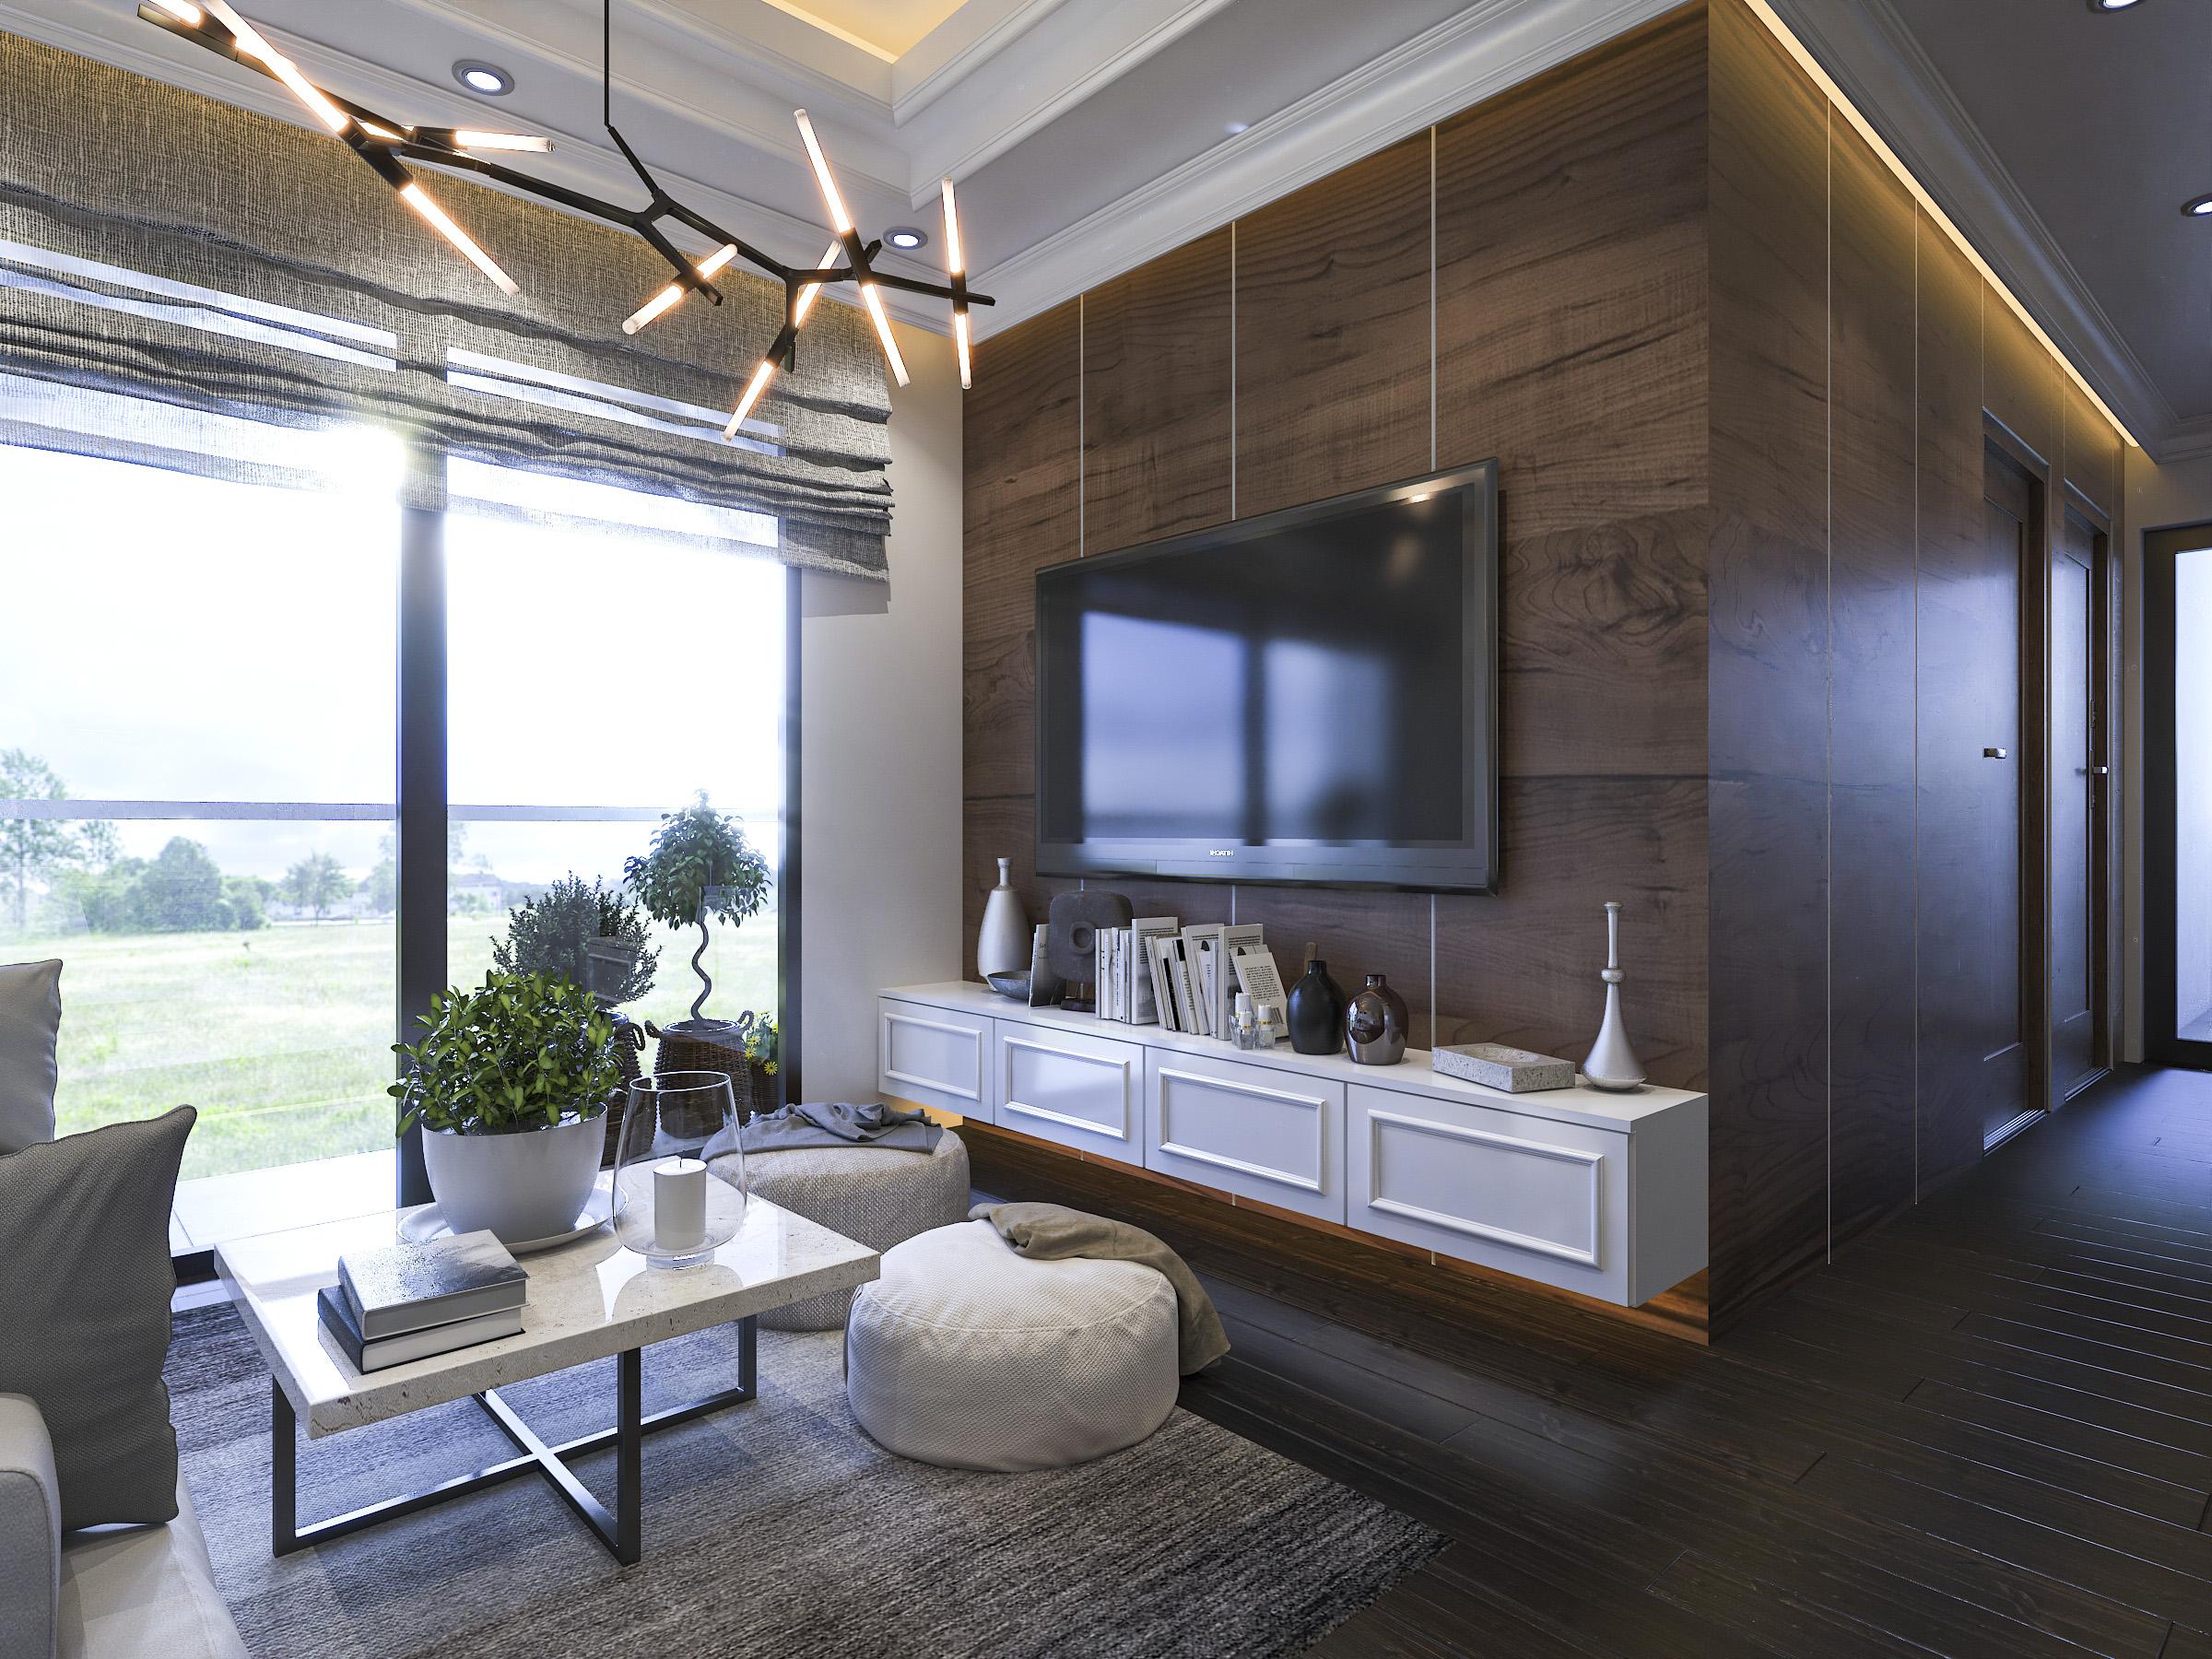 Thiết kế nội thất Chung Cư tại Hồ Chí Minh Ms Liên's Apartment 1592323880 6